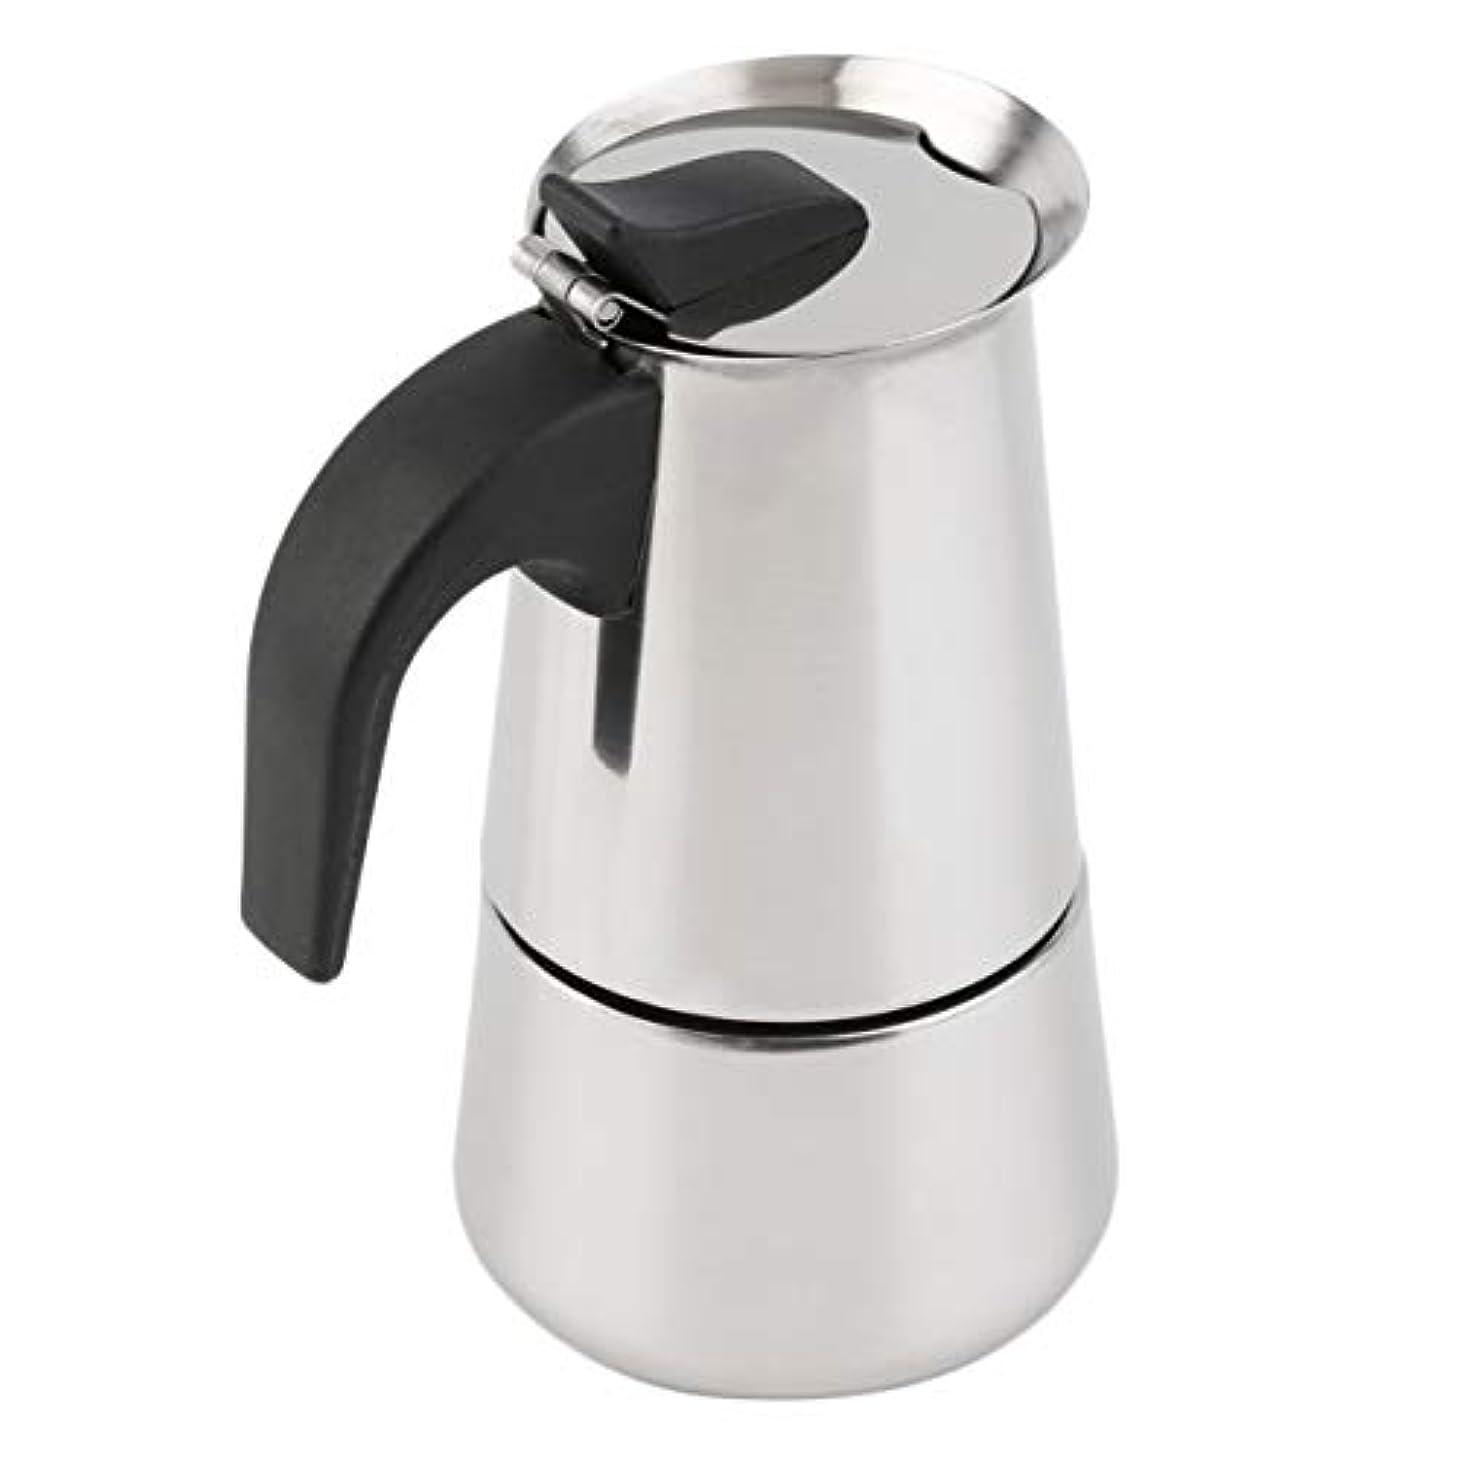 構成員きれいに震えSaikogoods 2/4/6カップパーコレーターストーブトップのコーヒーメーカーモカエスプレッソラテステンレスポットホット販売 銀 6カップ